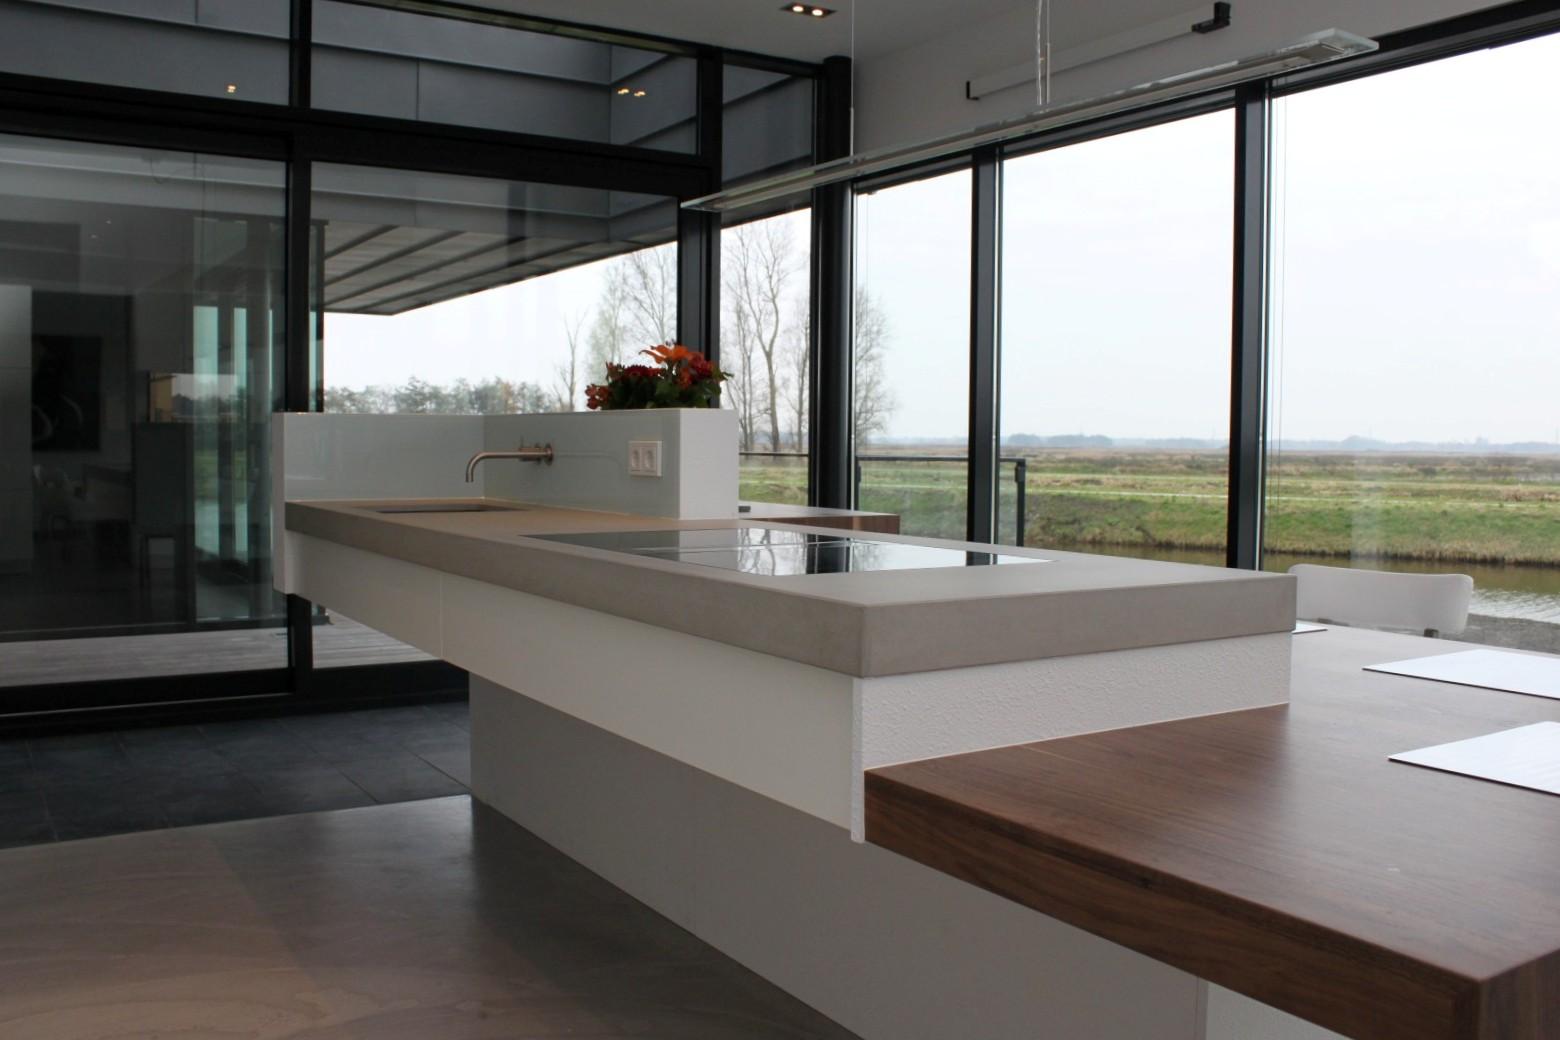 ... van JP Walker - Nieuws Startpagina voor keuken ideeu00ebn : UW-keuken.nl